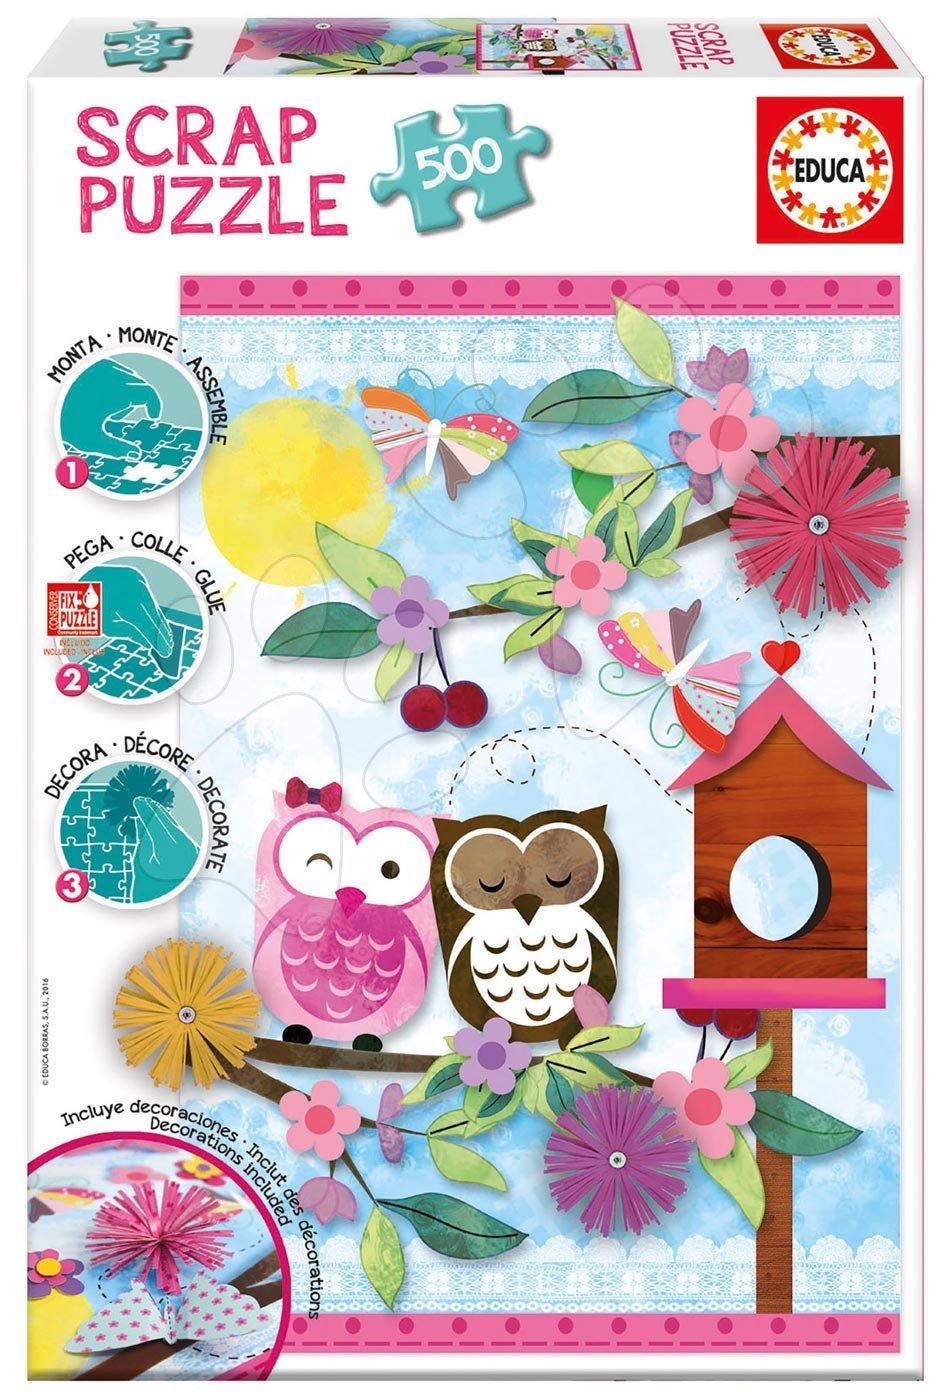 Puzzle 500 dielne - Puzzle Scrap Valentine Art Educa 500 dielov + ozdoby na nalepenie od 11 rokov